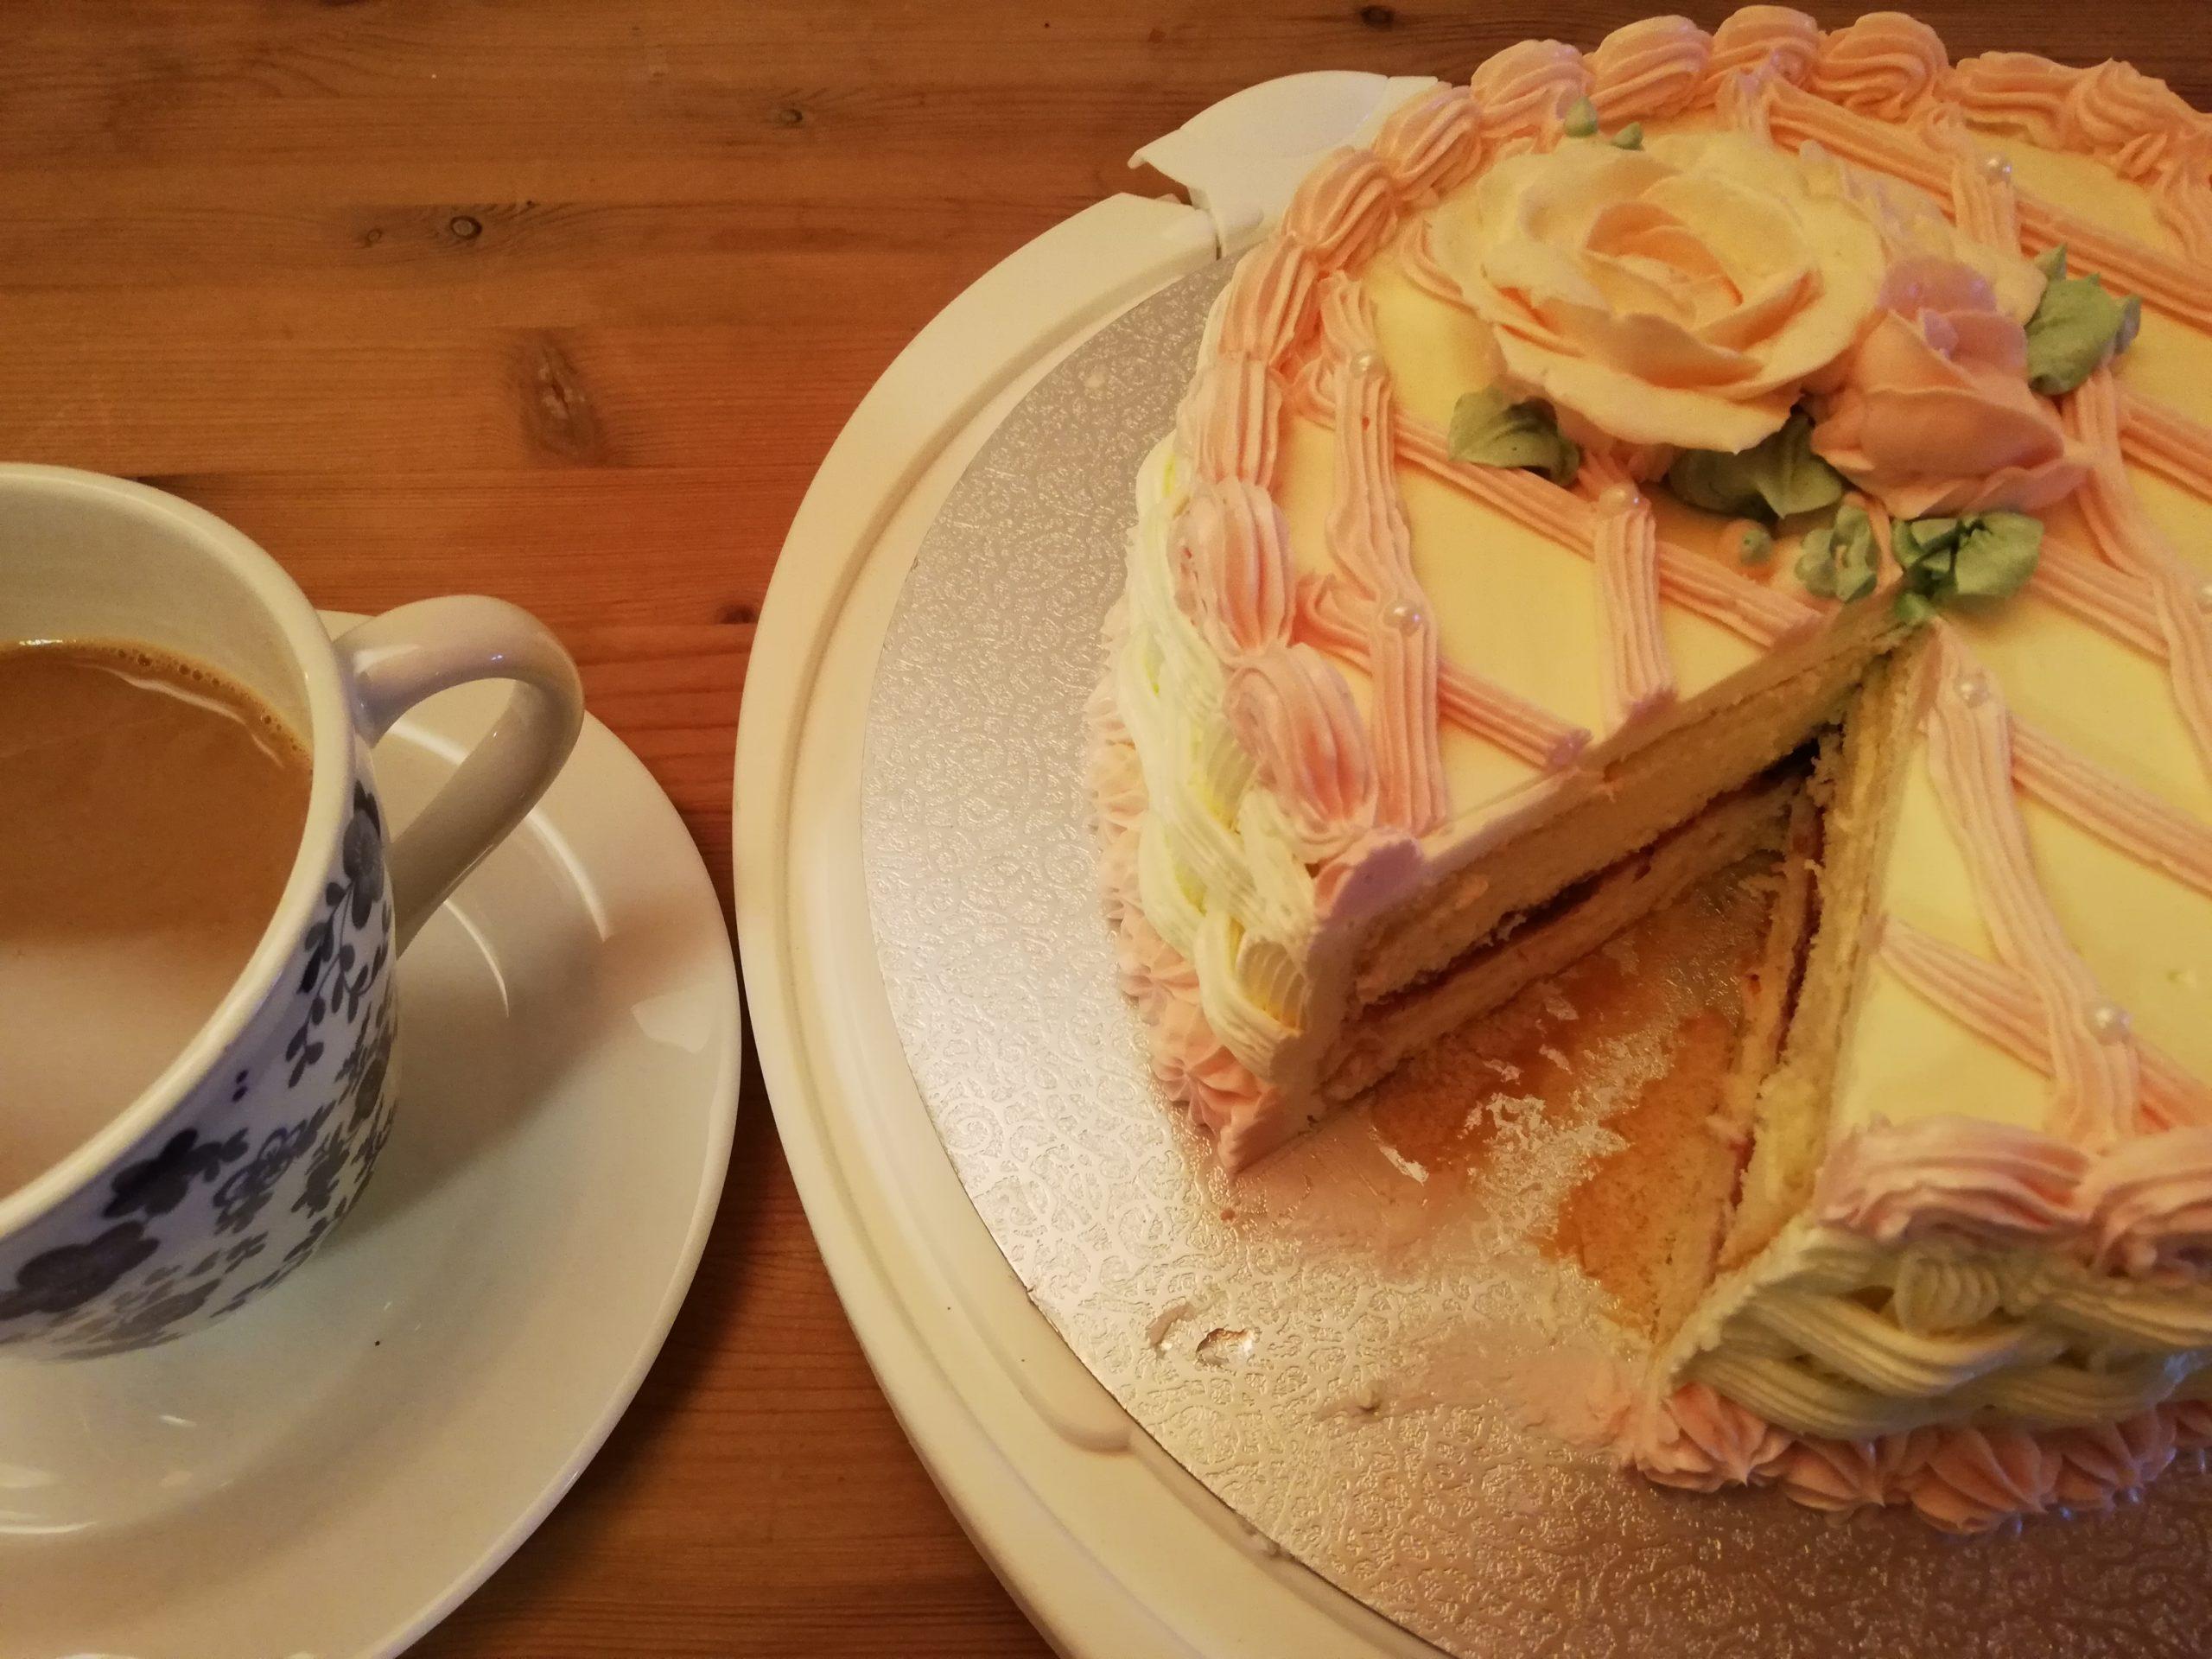 Torte im Scheunen-Café